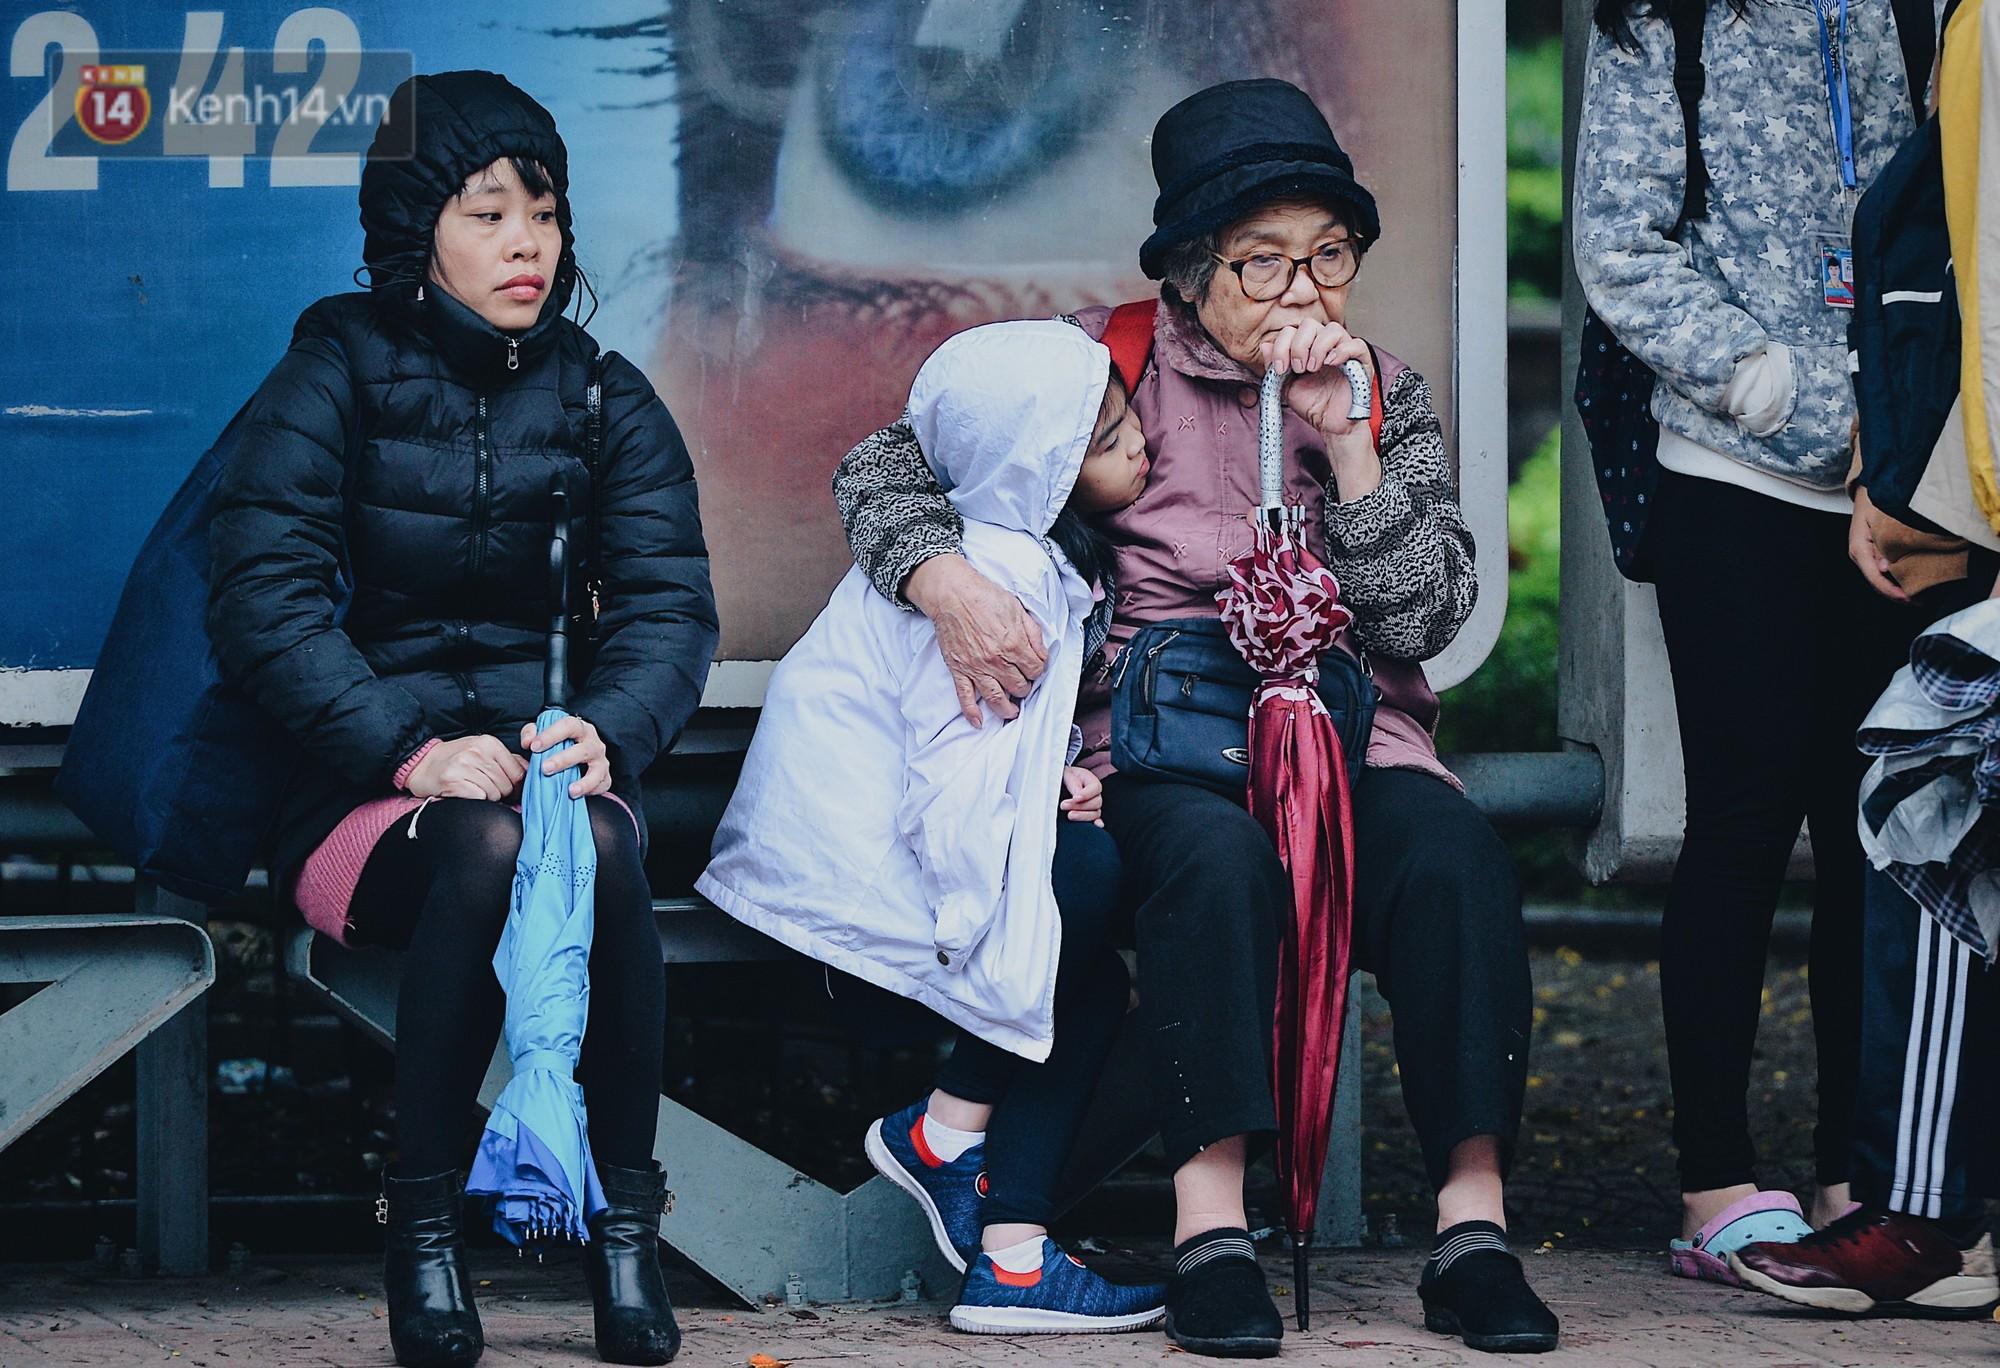 Chùm ảnh: Sau một đêm trở gió Hà Nội mưa lạnh xuống đến 17 độ C, người dân co ro ra đường - Ảnh 10.